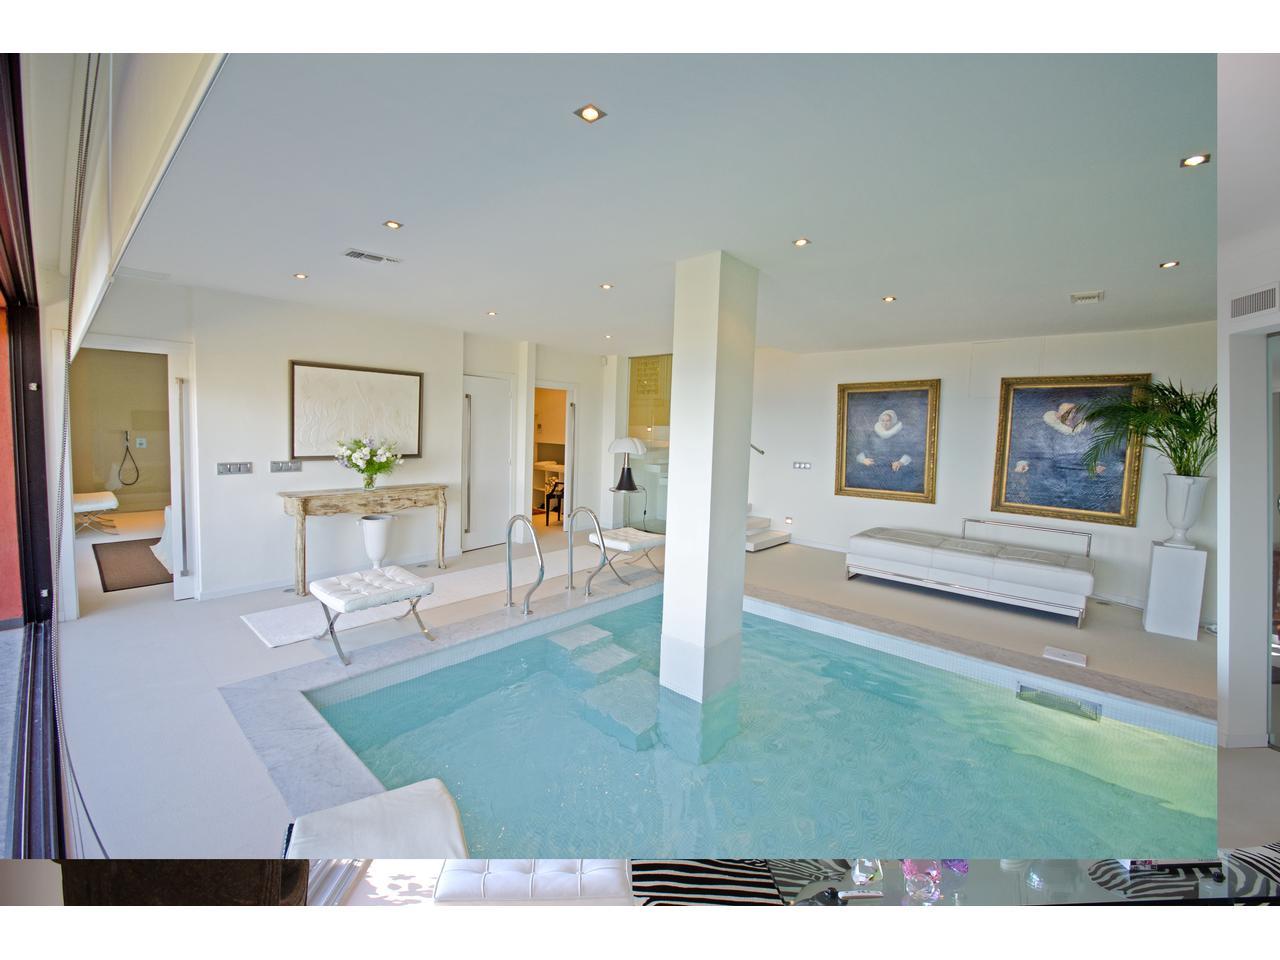 immobilier nice vue mer maison villefranche sur mer villefranche maison a vendre avec vue mer et. Black Bedroom Furniture Sets. Home Design Ideas